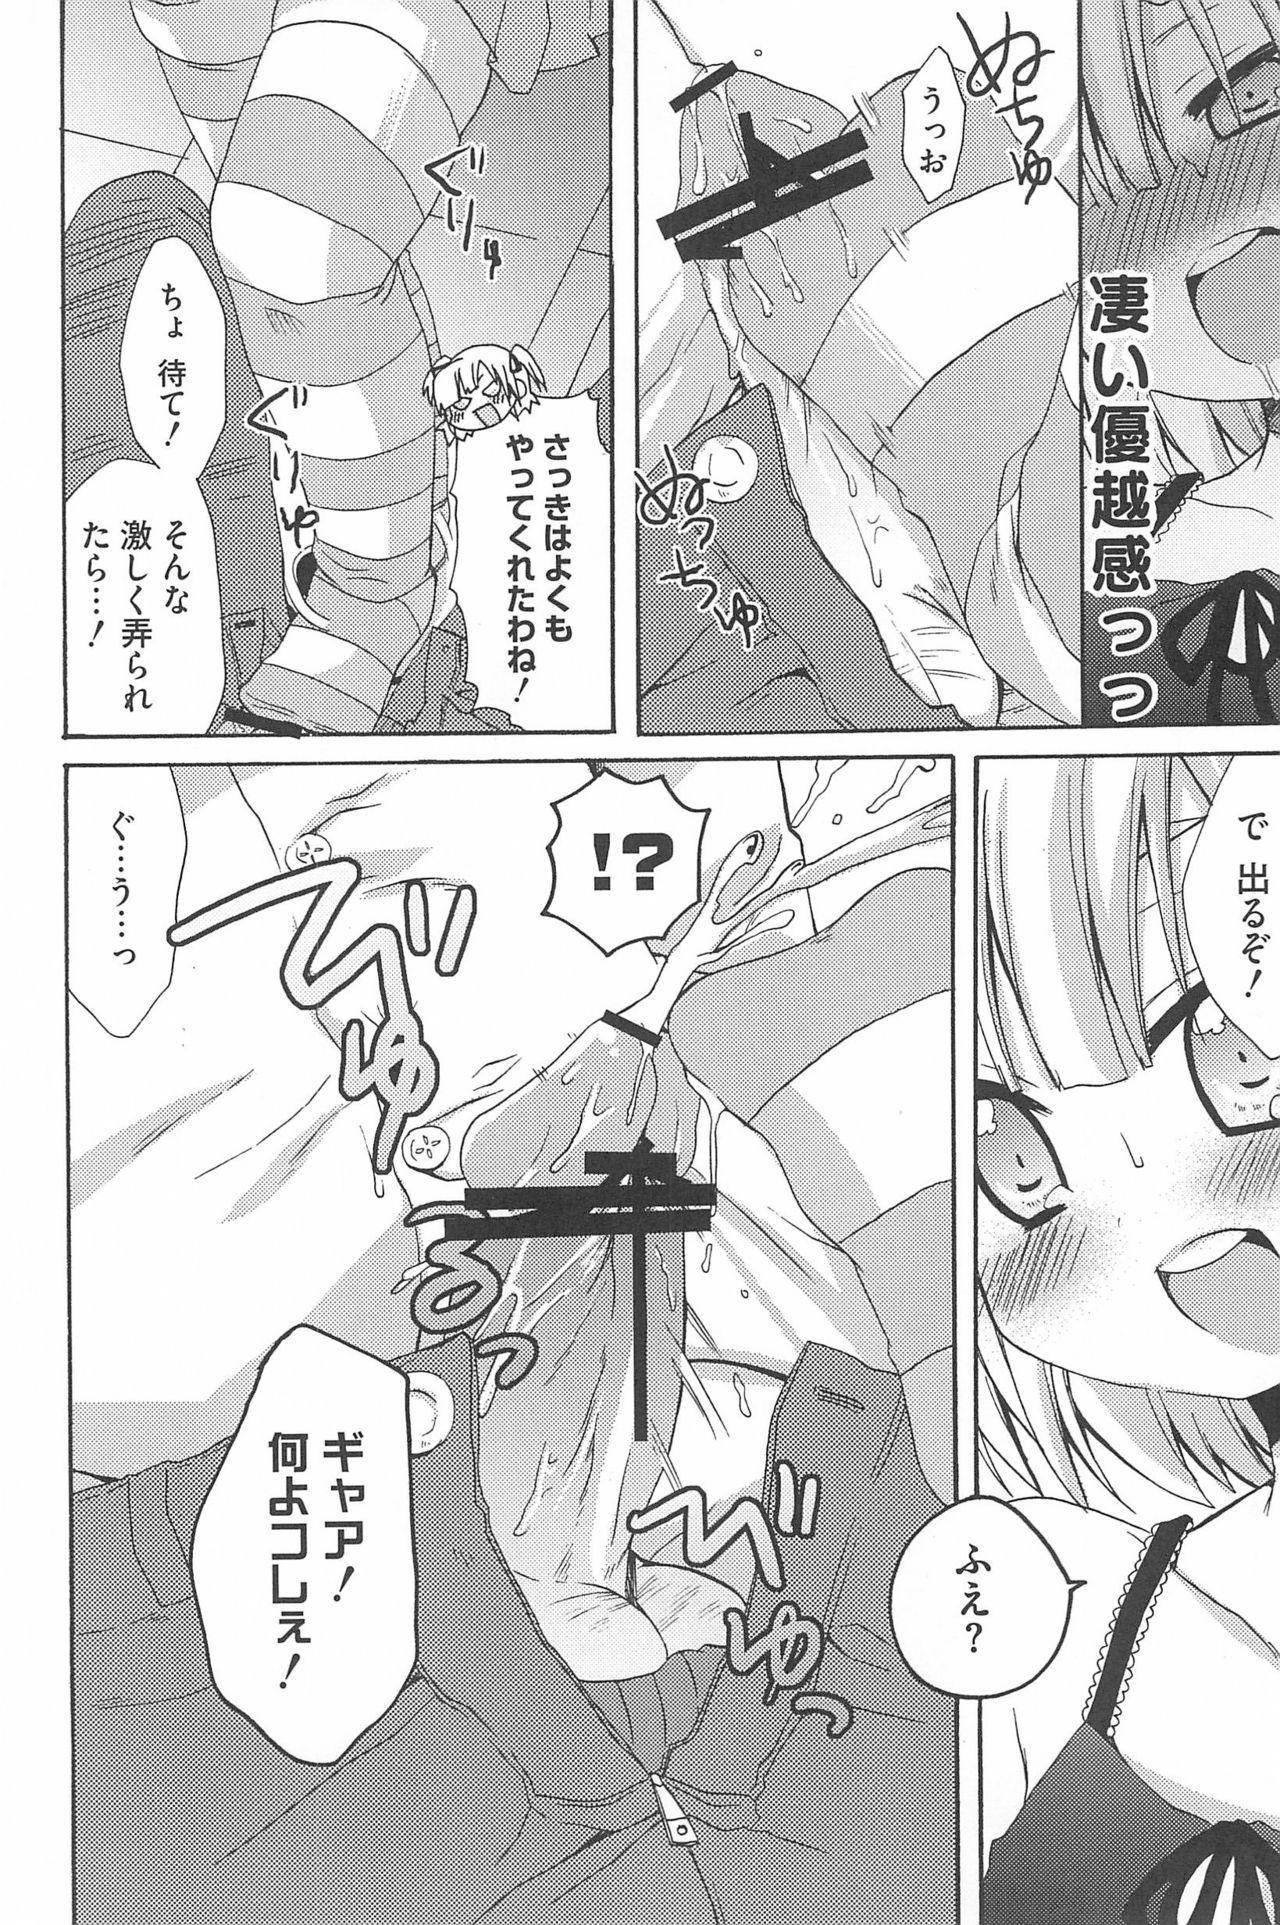 [Anthology] 3-tsugo 3 Shimai no Seiyoku wa 3-bai (Mitsudomoe) 167